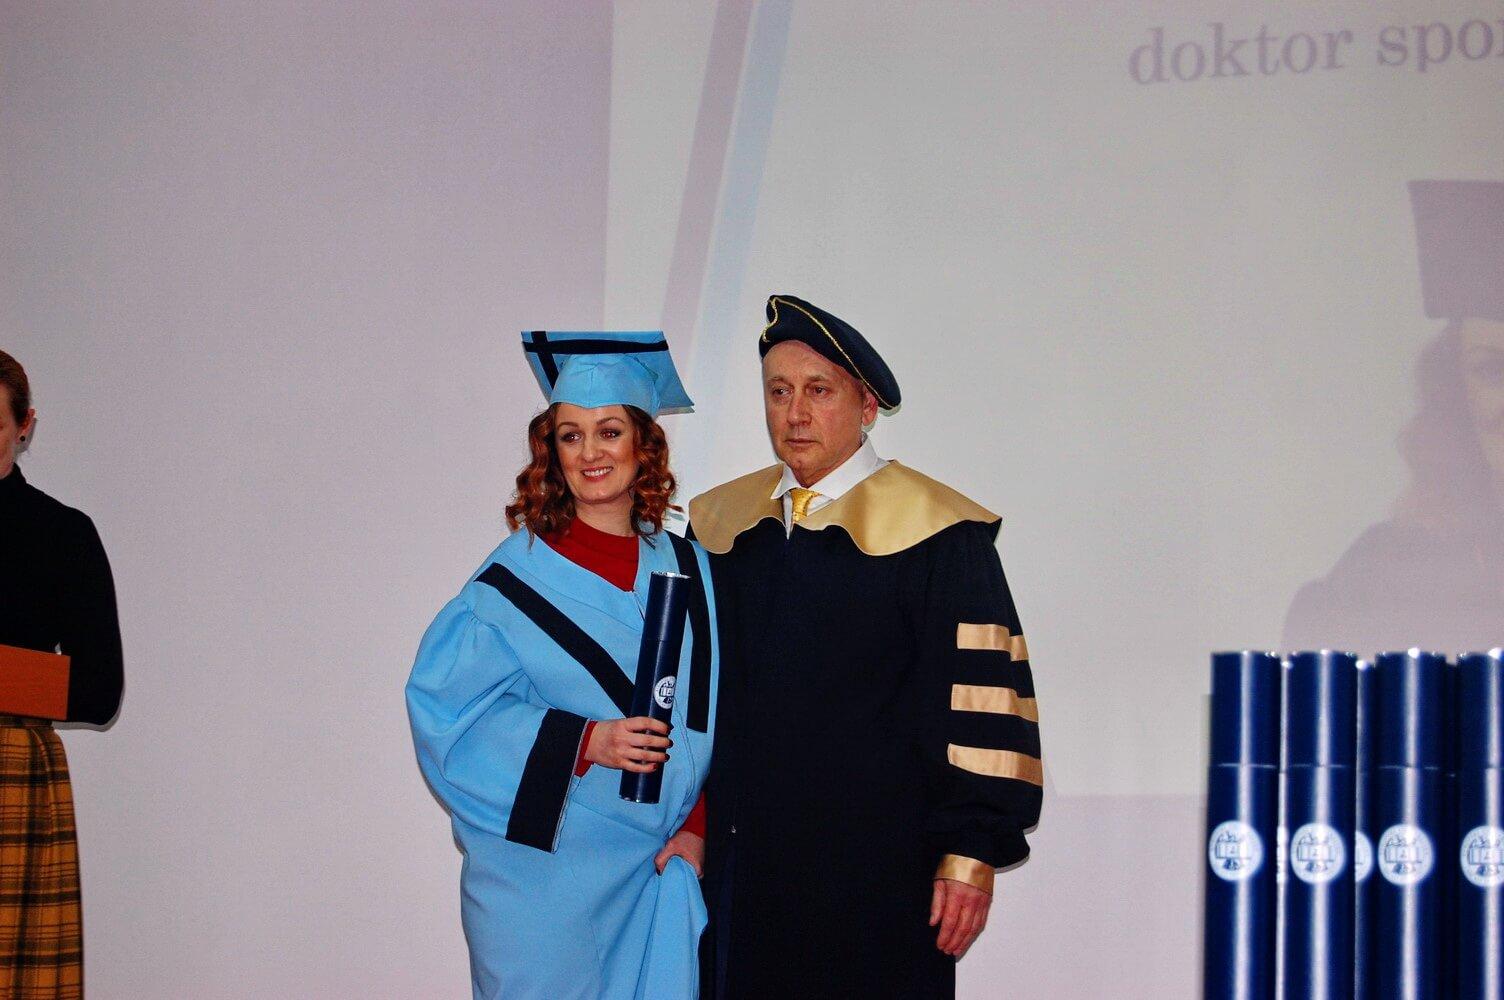 Dan Univerziteta 2020 91